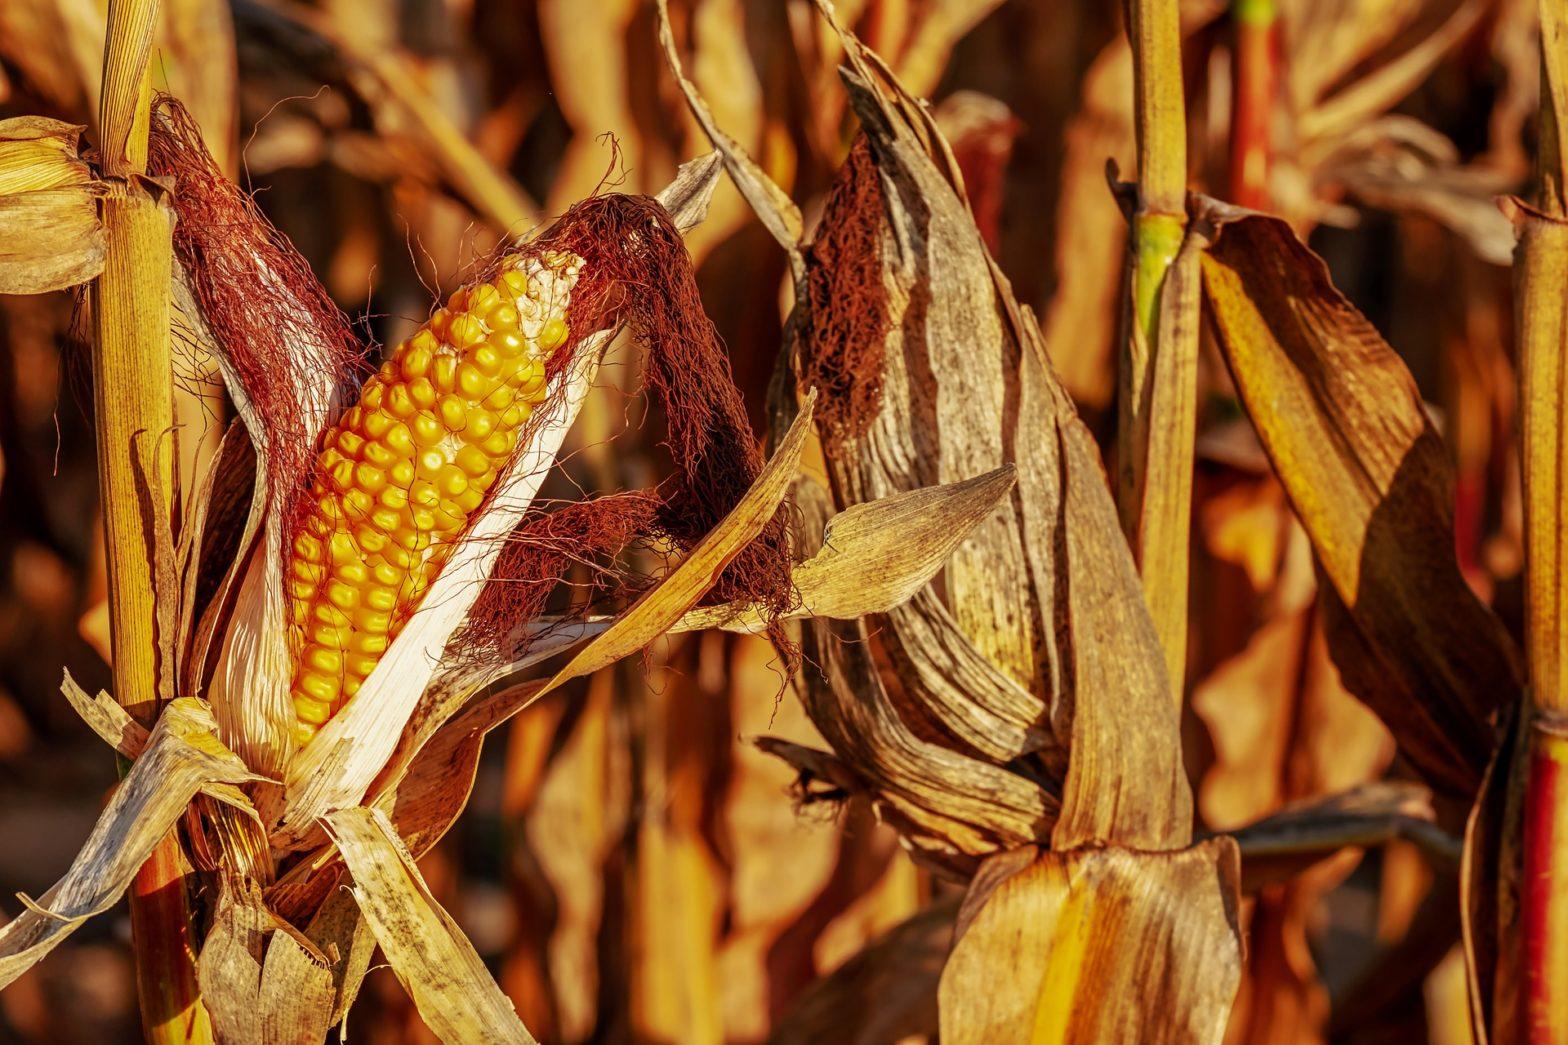 budidaya jagung pipil